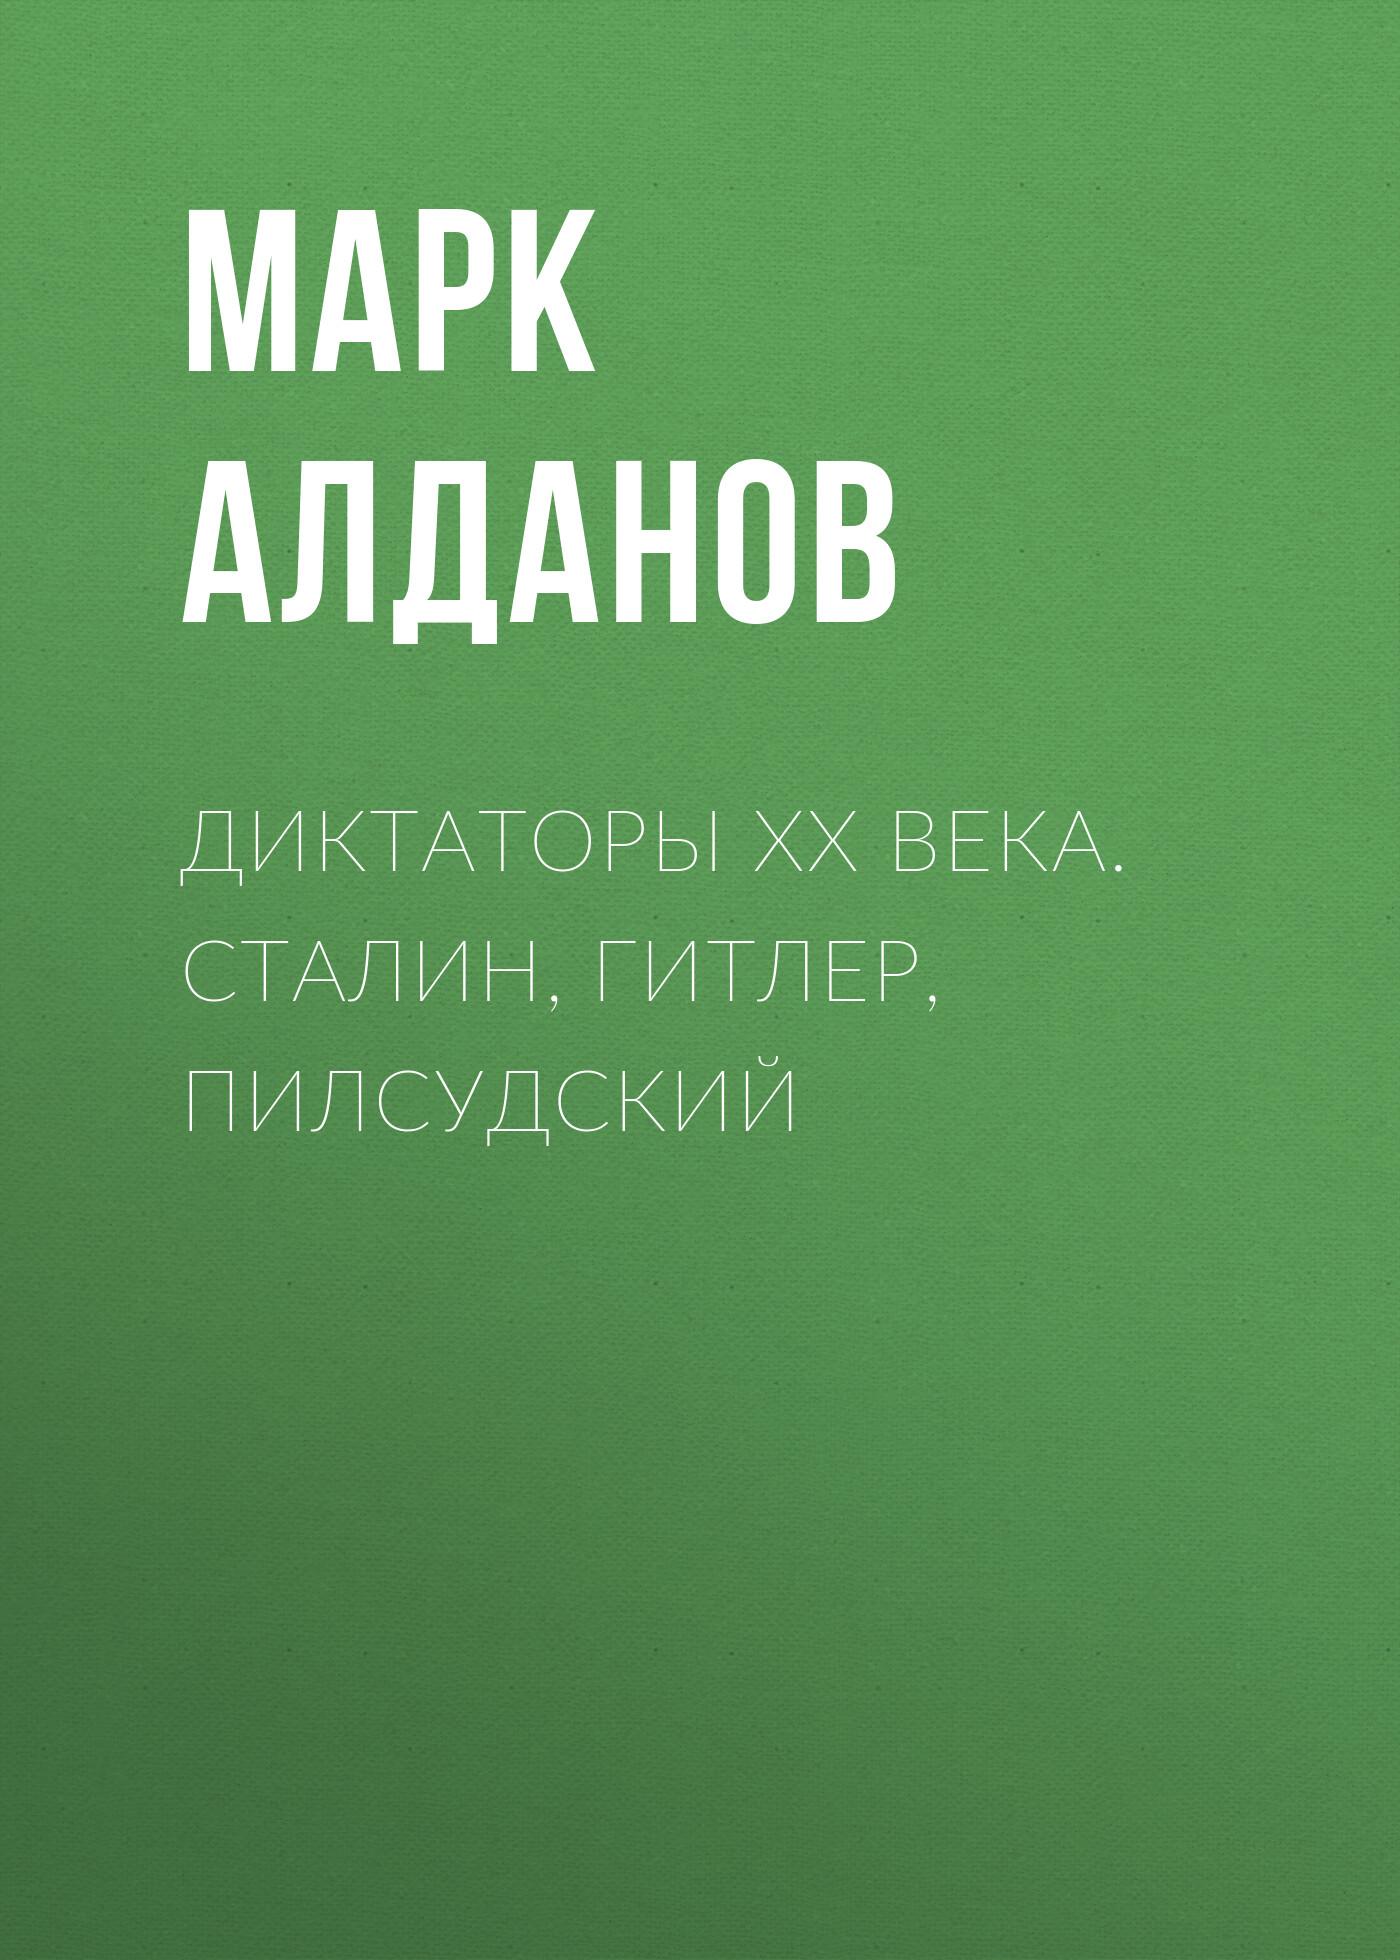 Марк Алданов Диктаторы ХХ века. Сталин, Гитлер, Пилсудский гитлер vs сталин тайна двух режимов